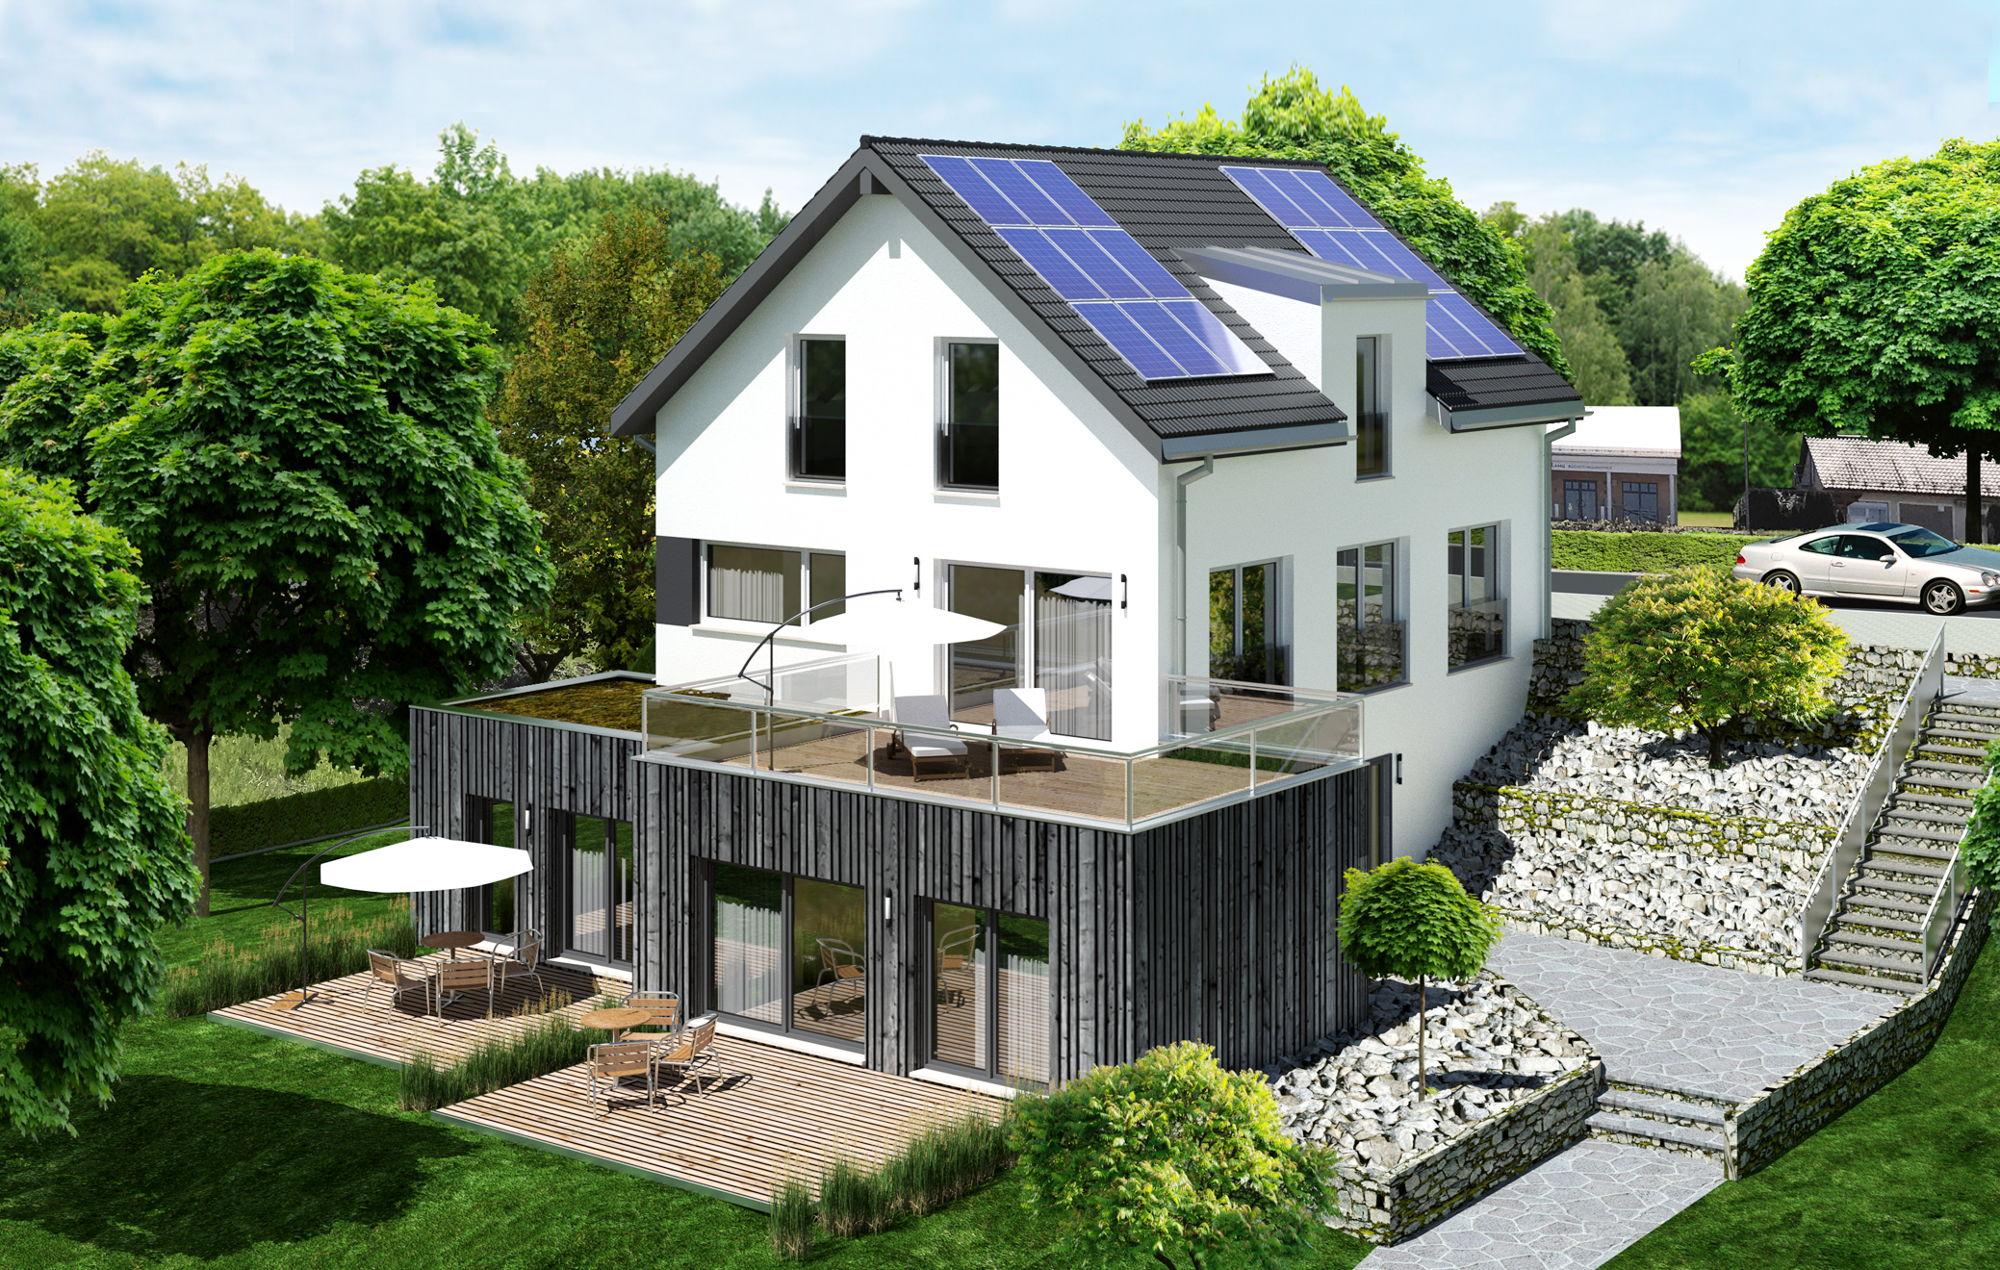 Eroffnung Des Neuen Musterhauses Seegarten In Bodenwohr